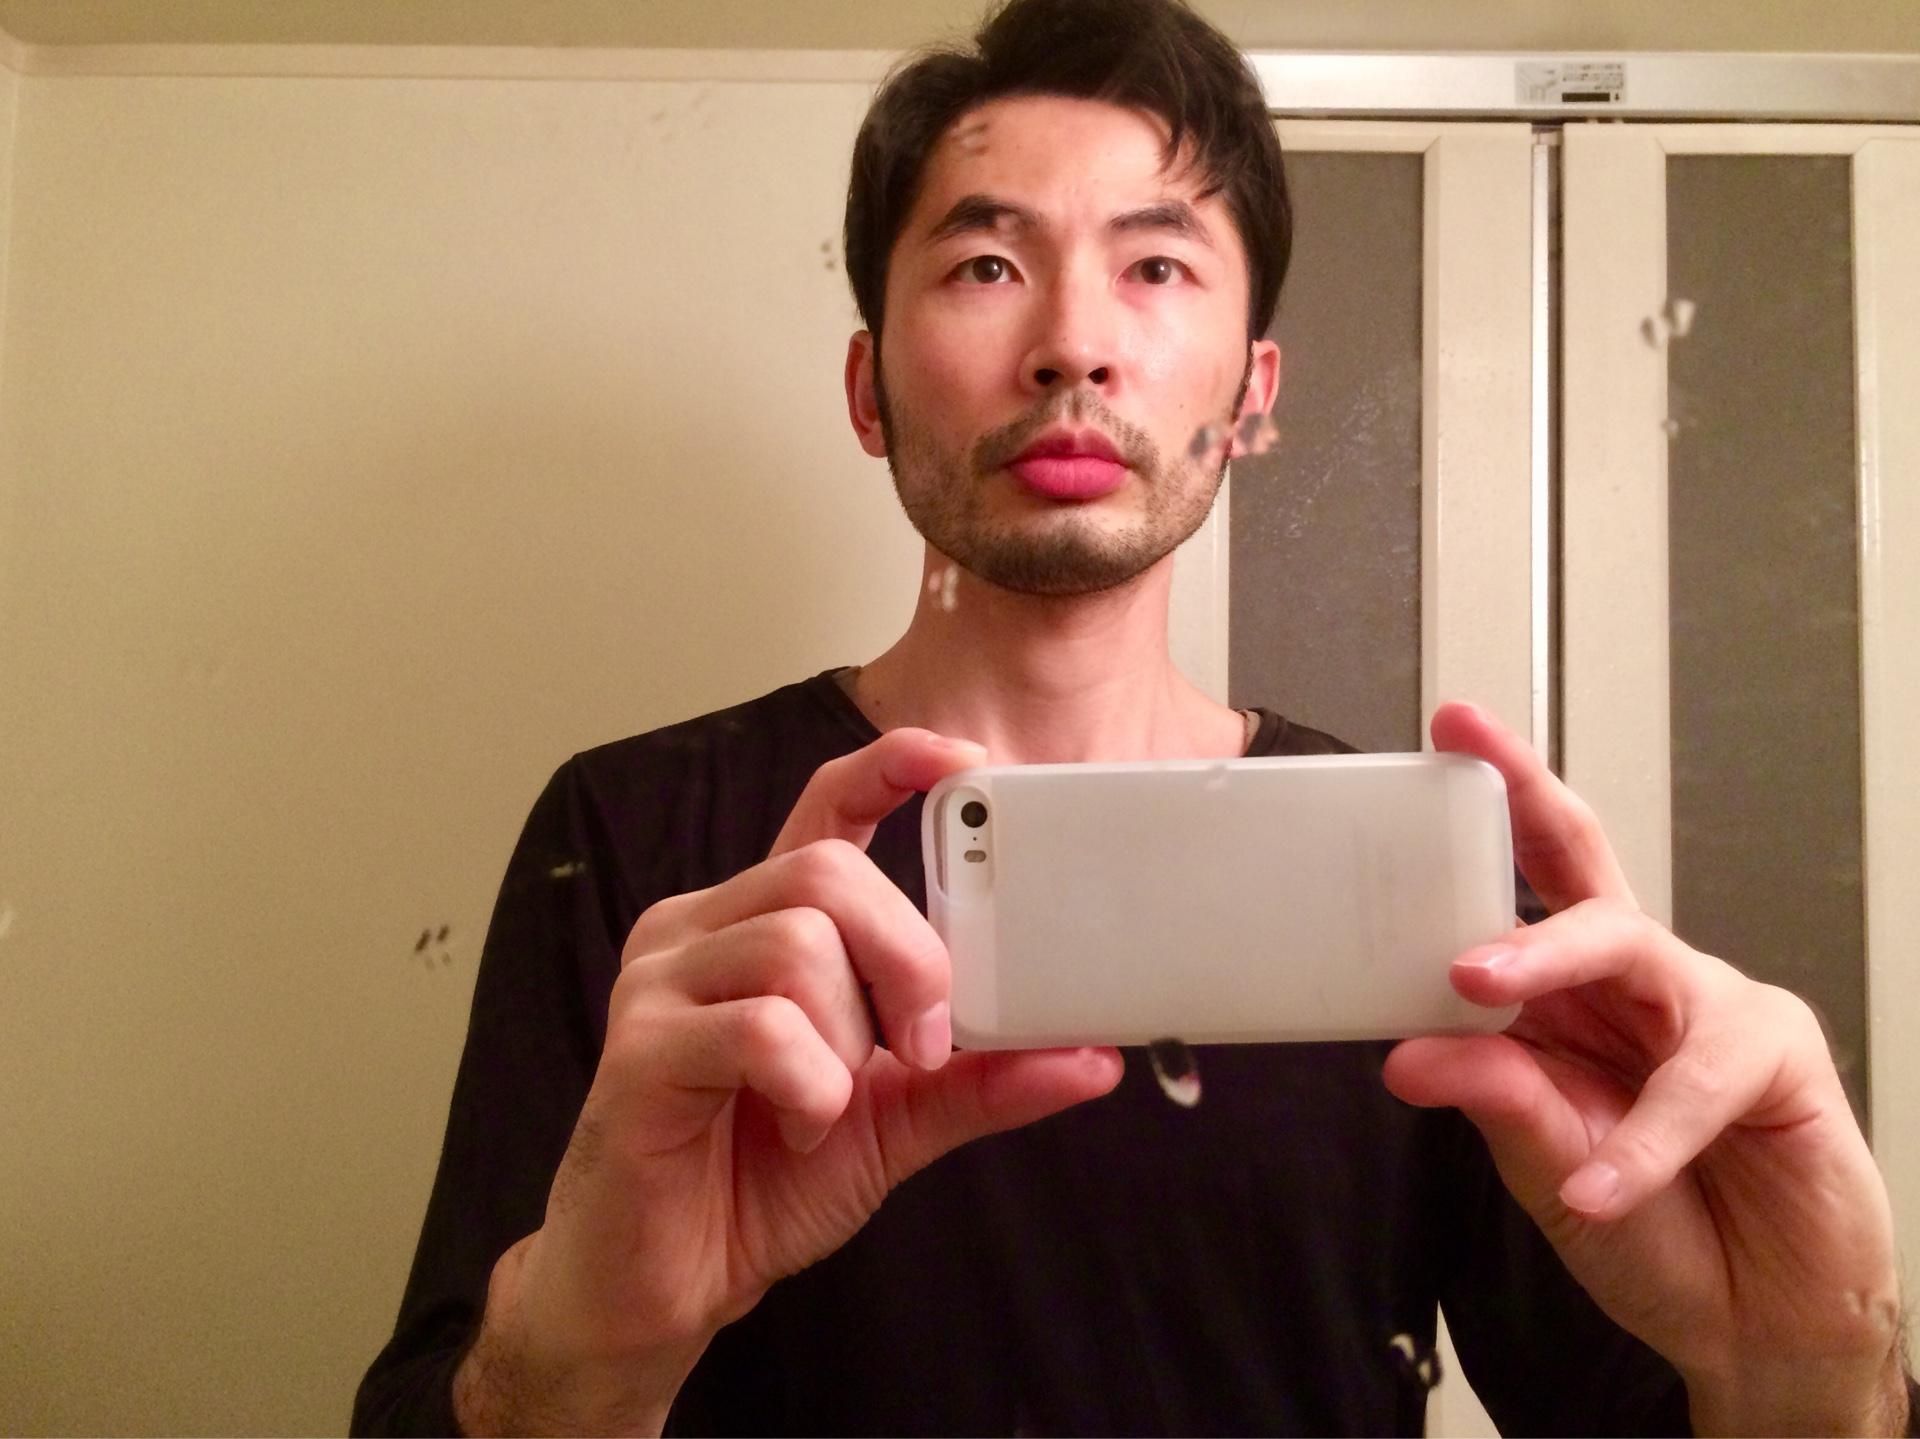 ひげ面の写真を撮る男性